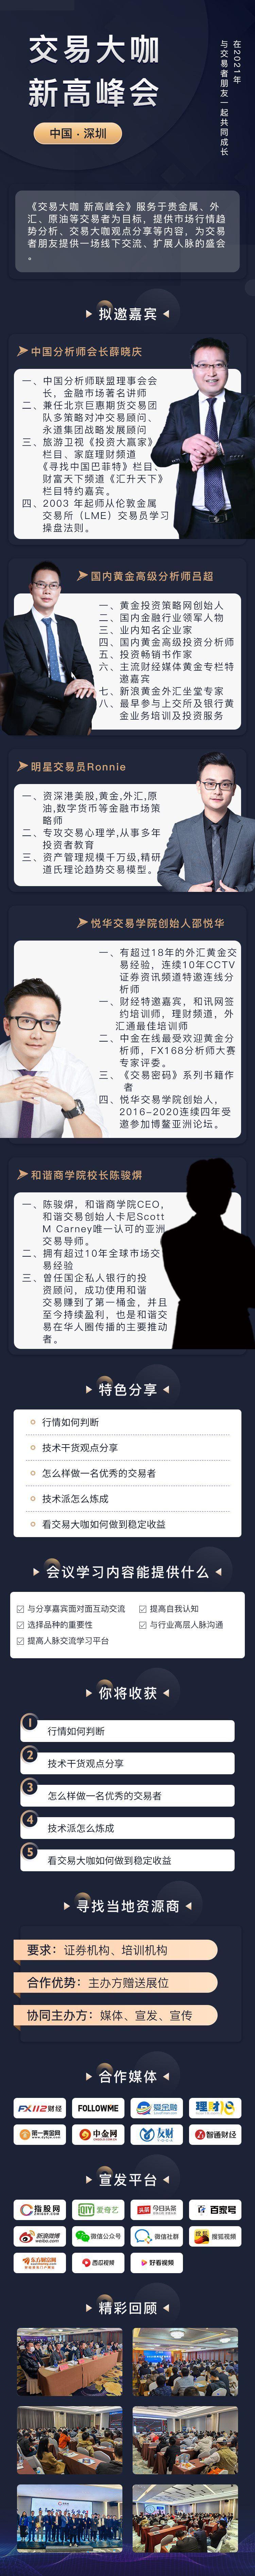 交易大咖深圳站.png